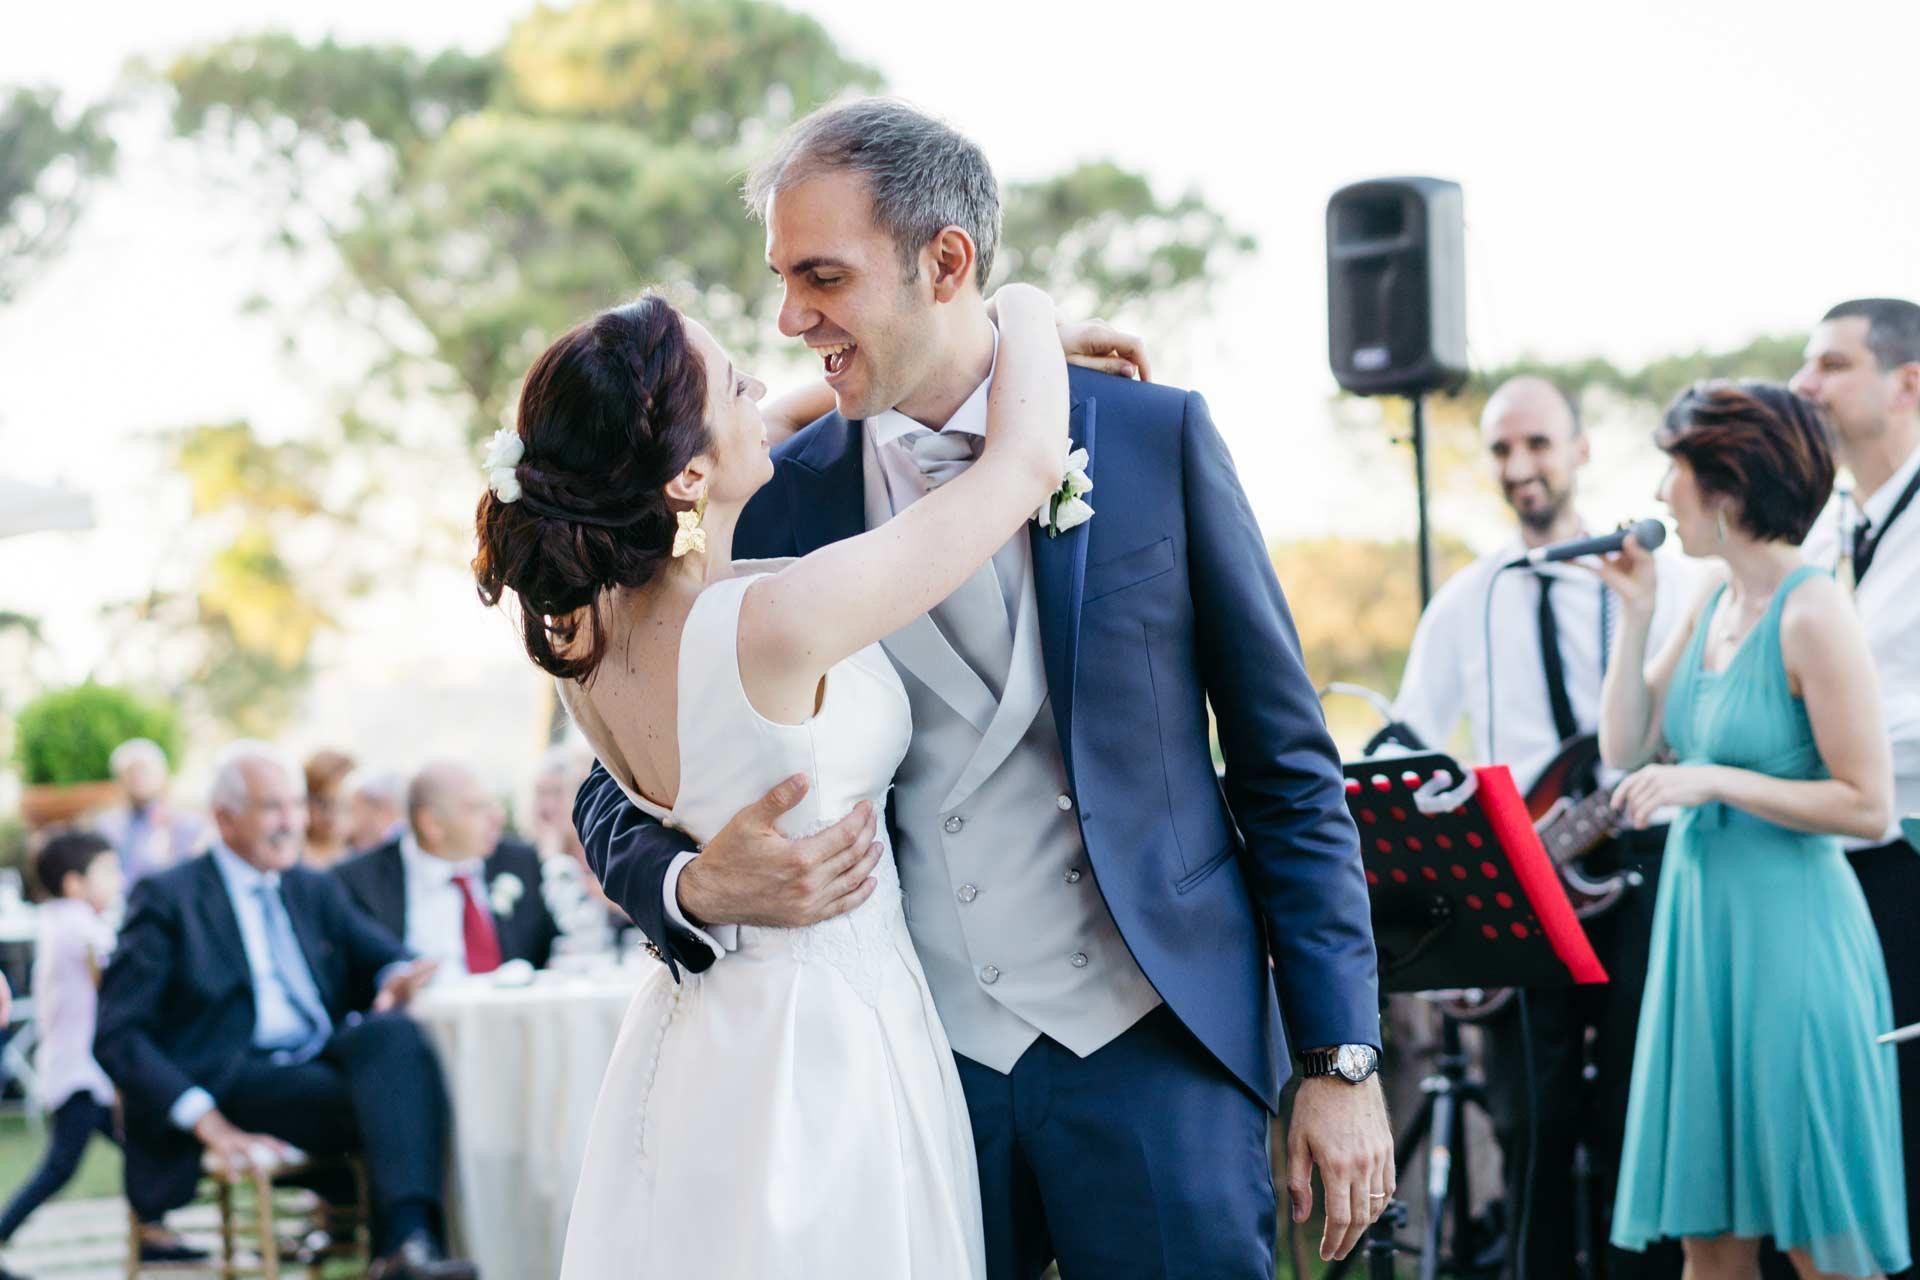 fotoreportage-di-matrimonio-11-C&M